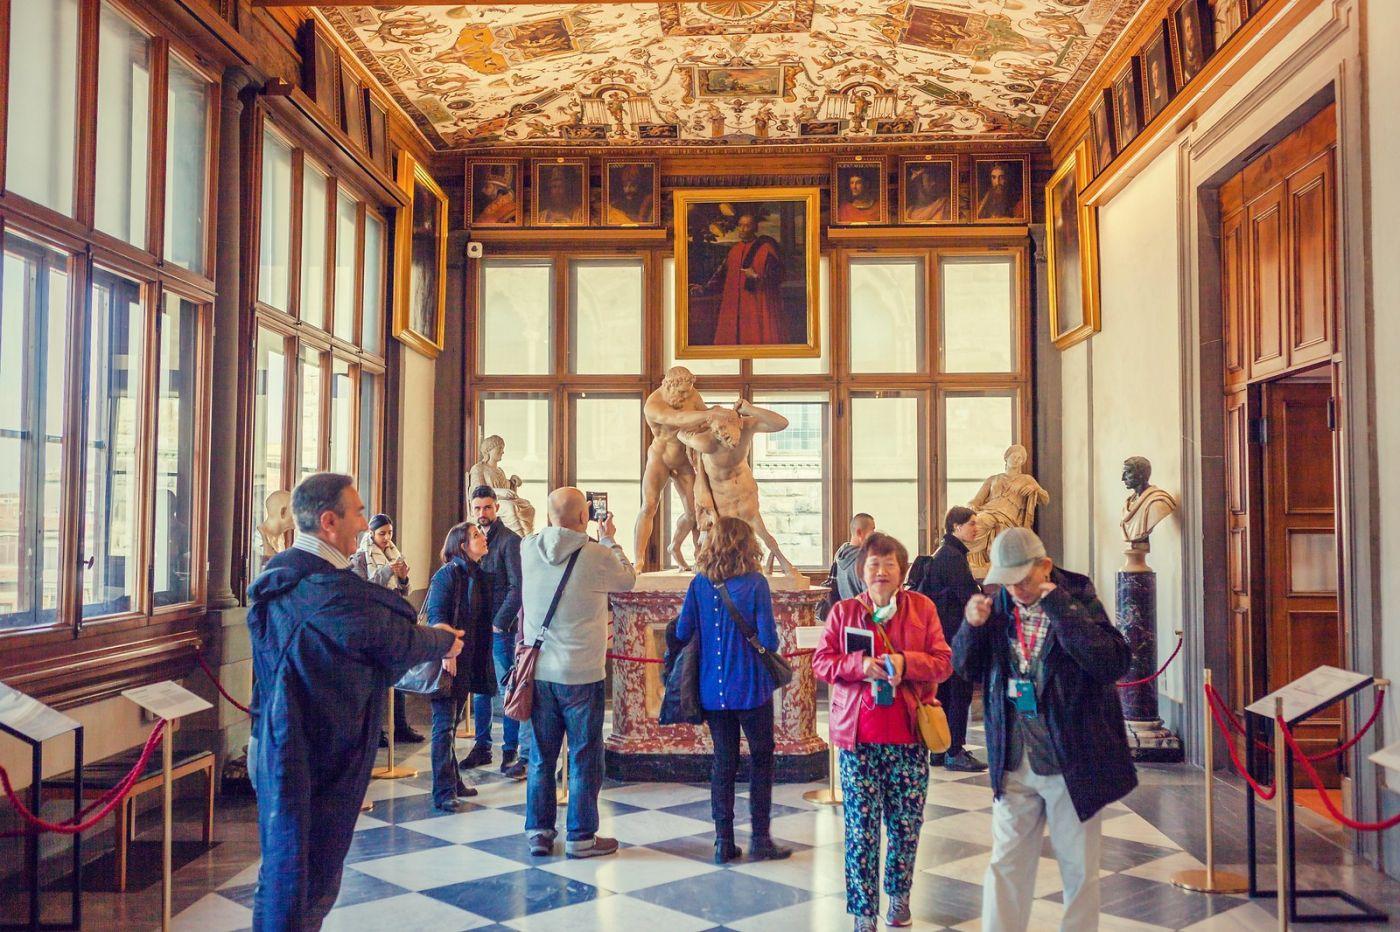 意大利佛罗伦斯乌菲兹美术馆, 进去看一看_图1-14